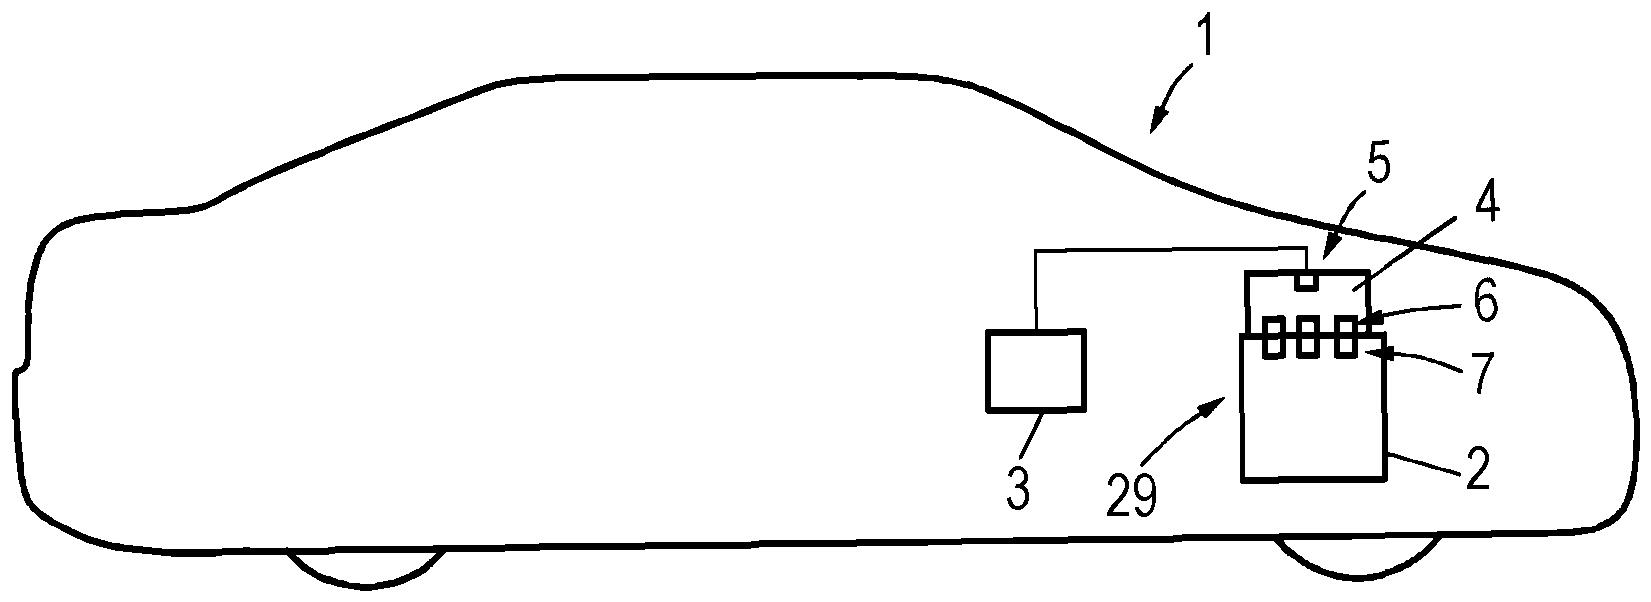 Figure DE102019205781A1_0000